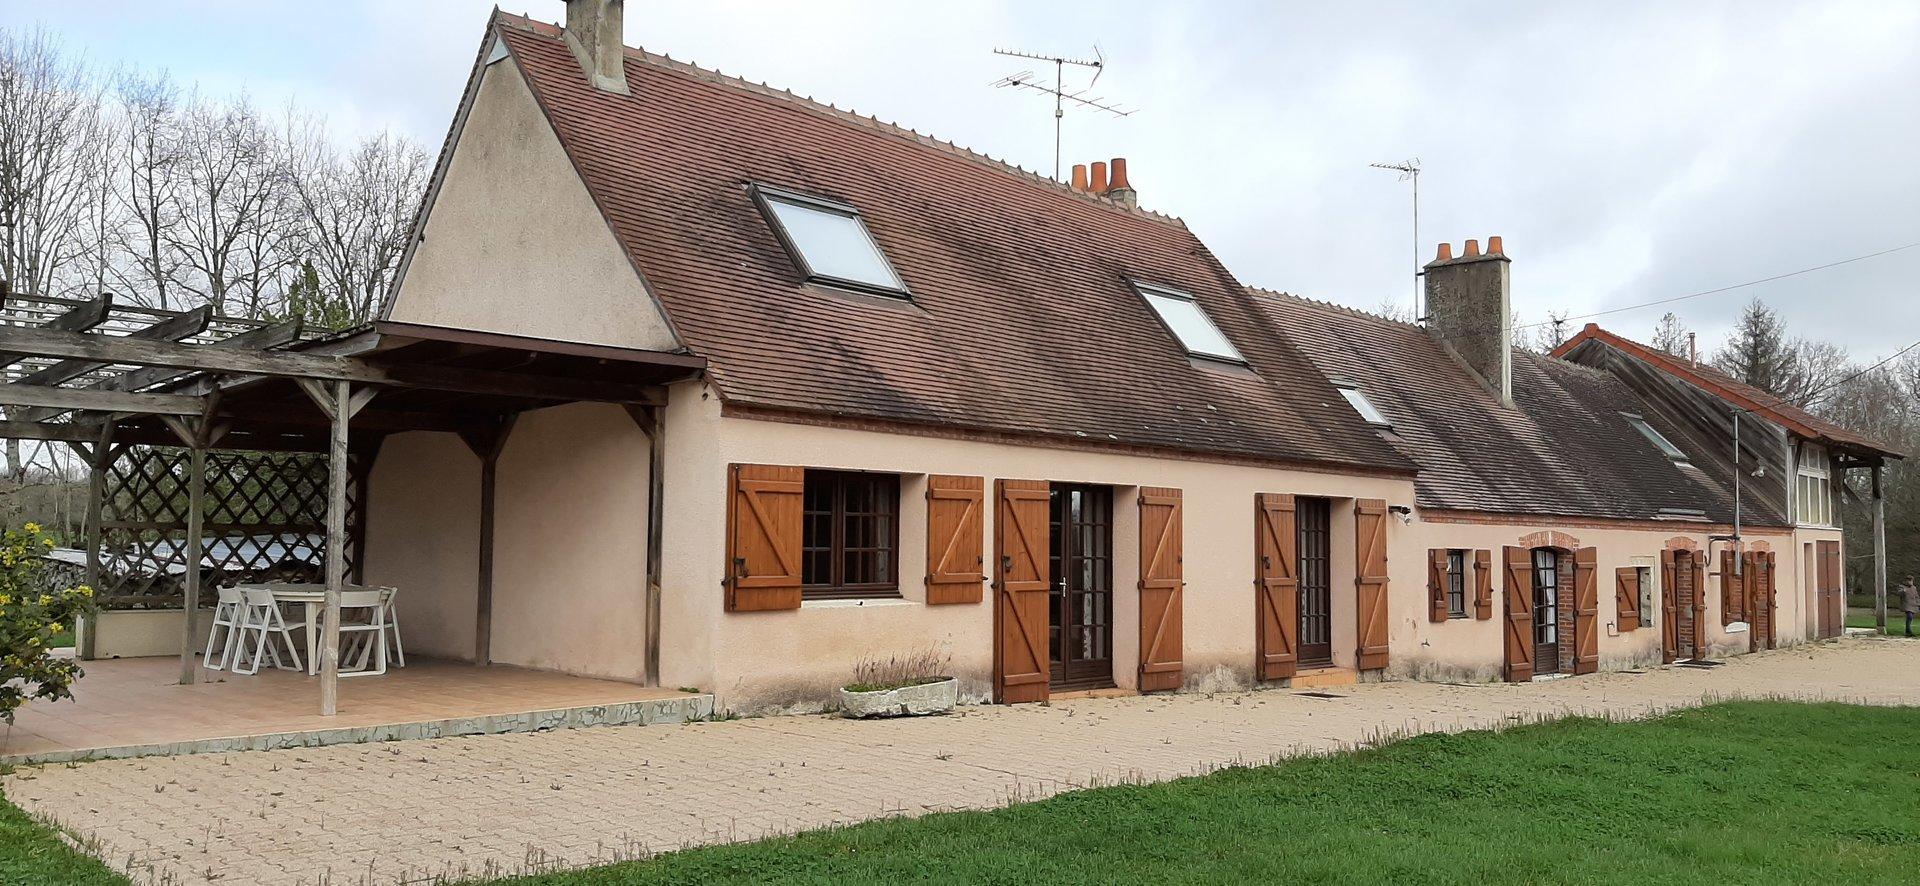 Verkauf Bauernhaus - Neuvy St Sepulchre